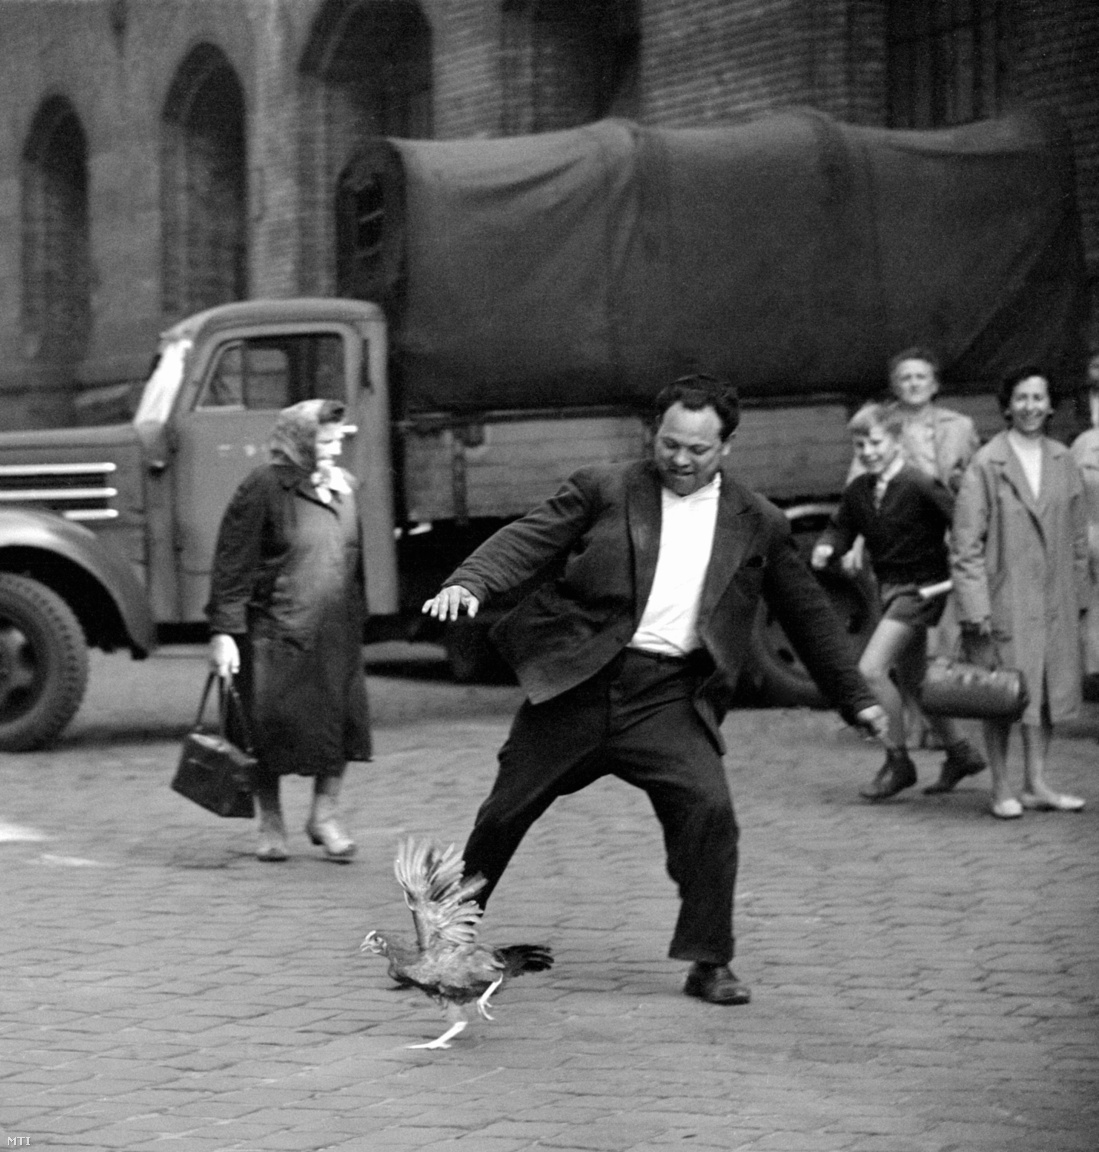 Egy elszabadult csirkét próbál megfogni egy férfi a Nagycsarnok mellett. (1963)